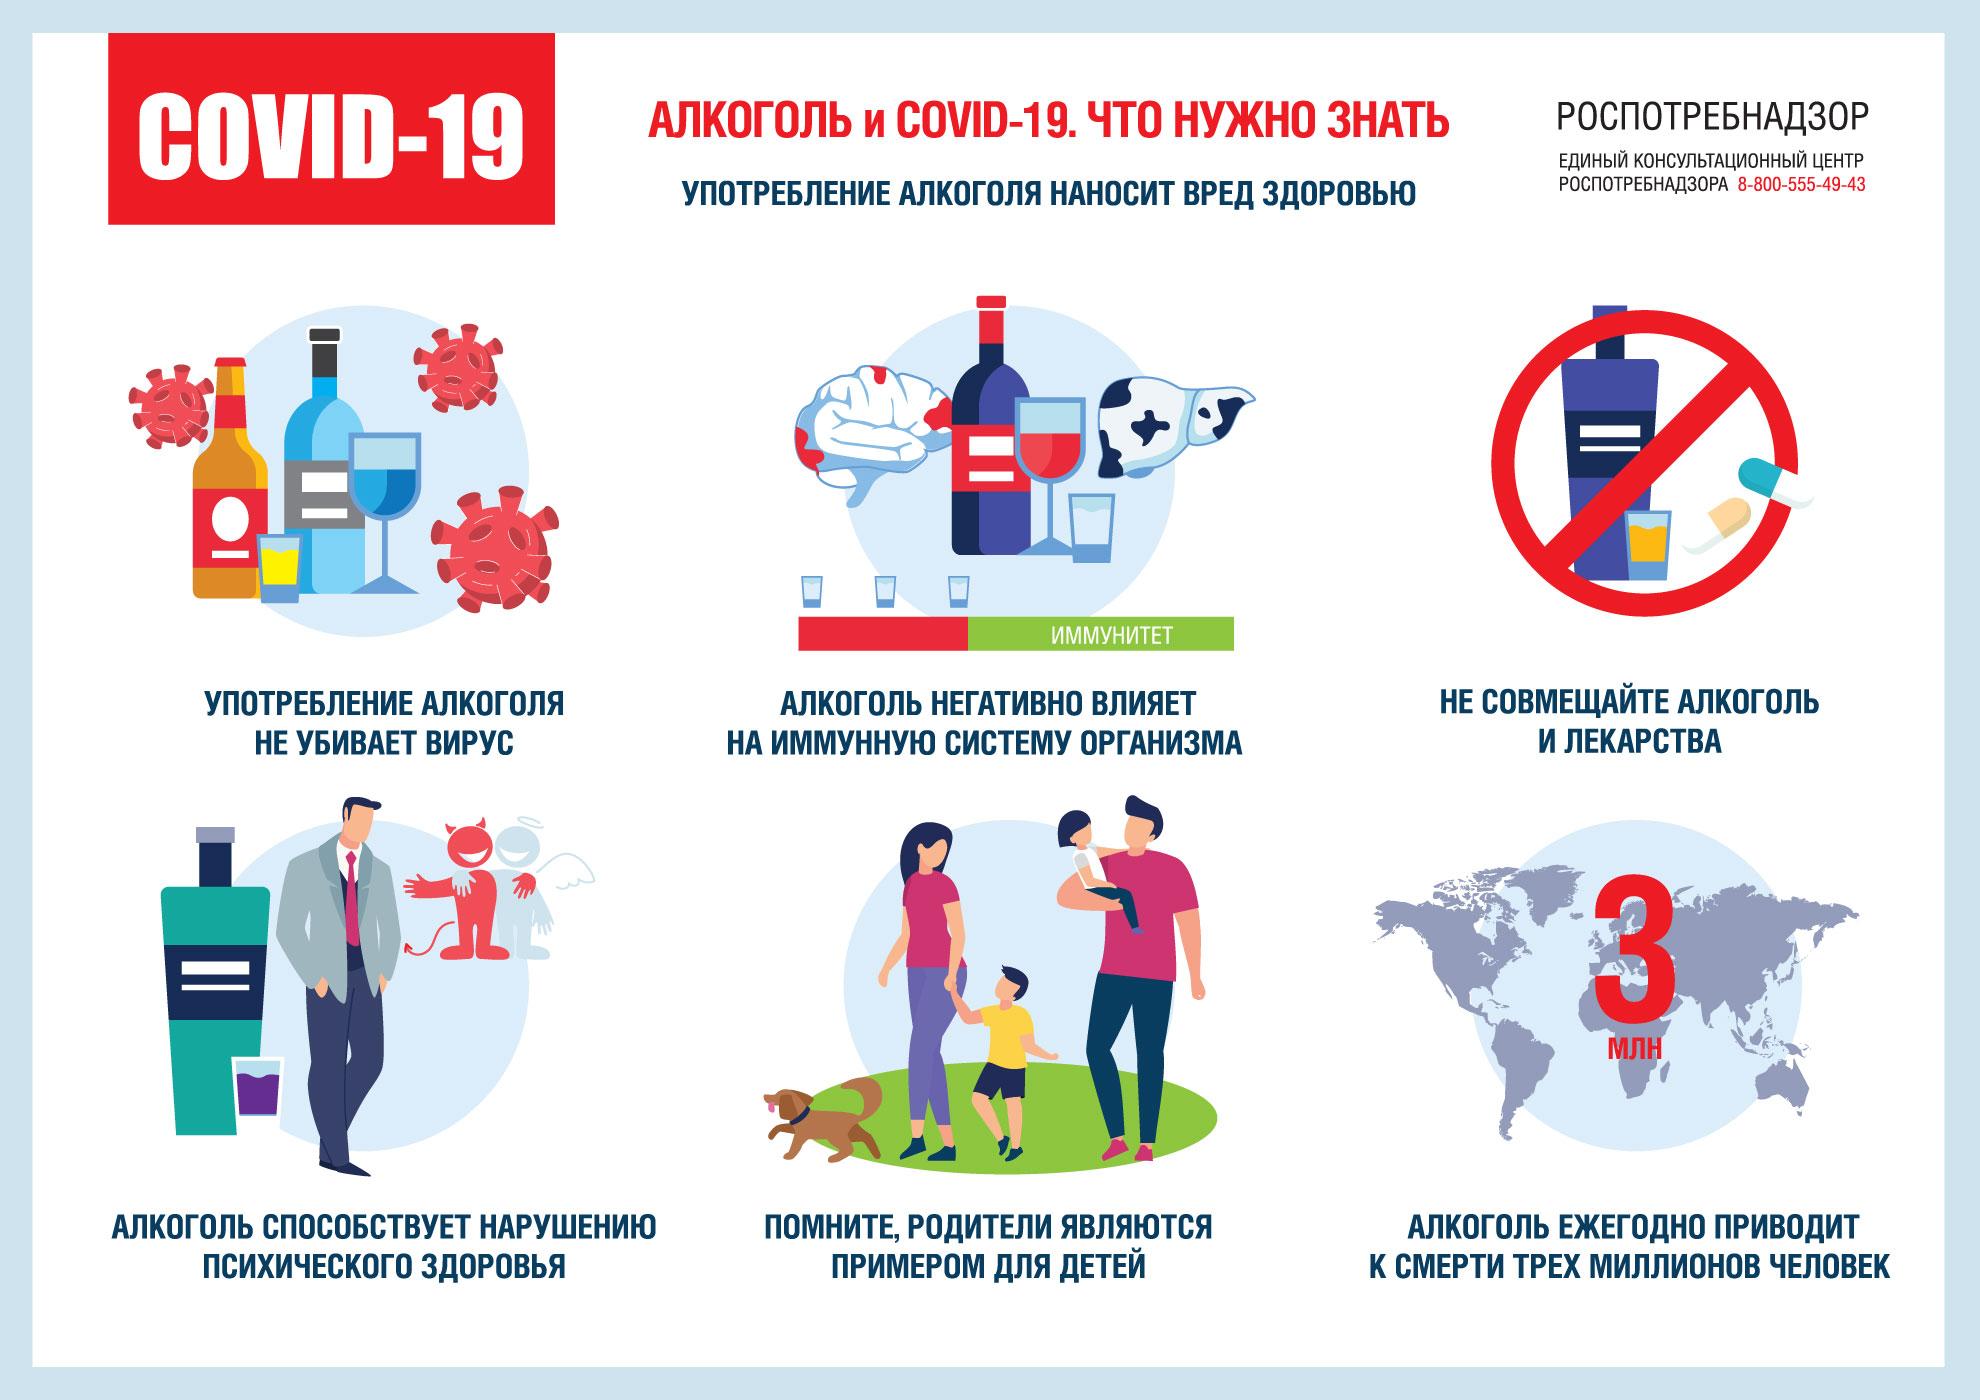 Роспотребнадзор развеял мифы о влияние алкоголя на коронавирус